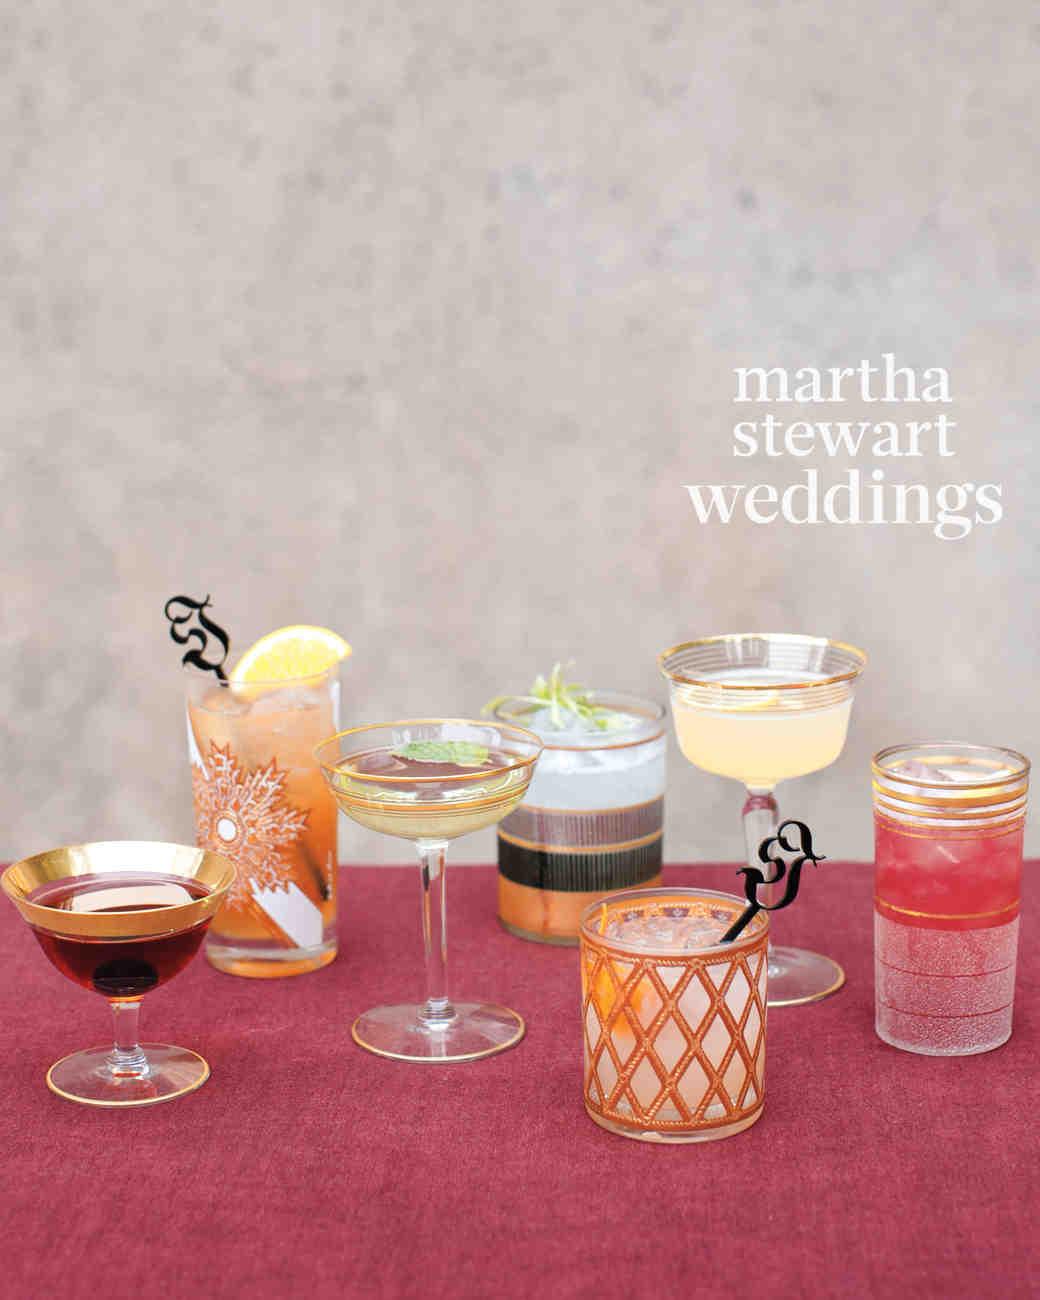 sophia-joel-wedding-los-angeles-172-d112240-watermark-0815.jpg